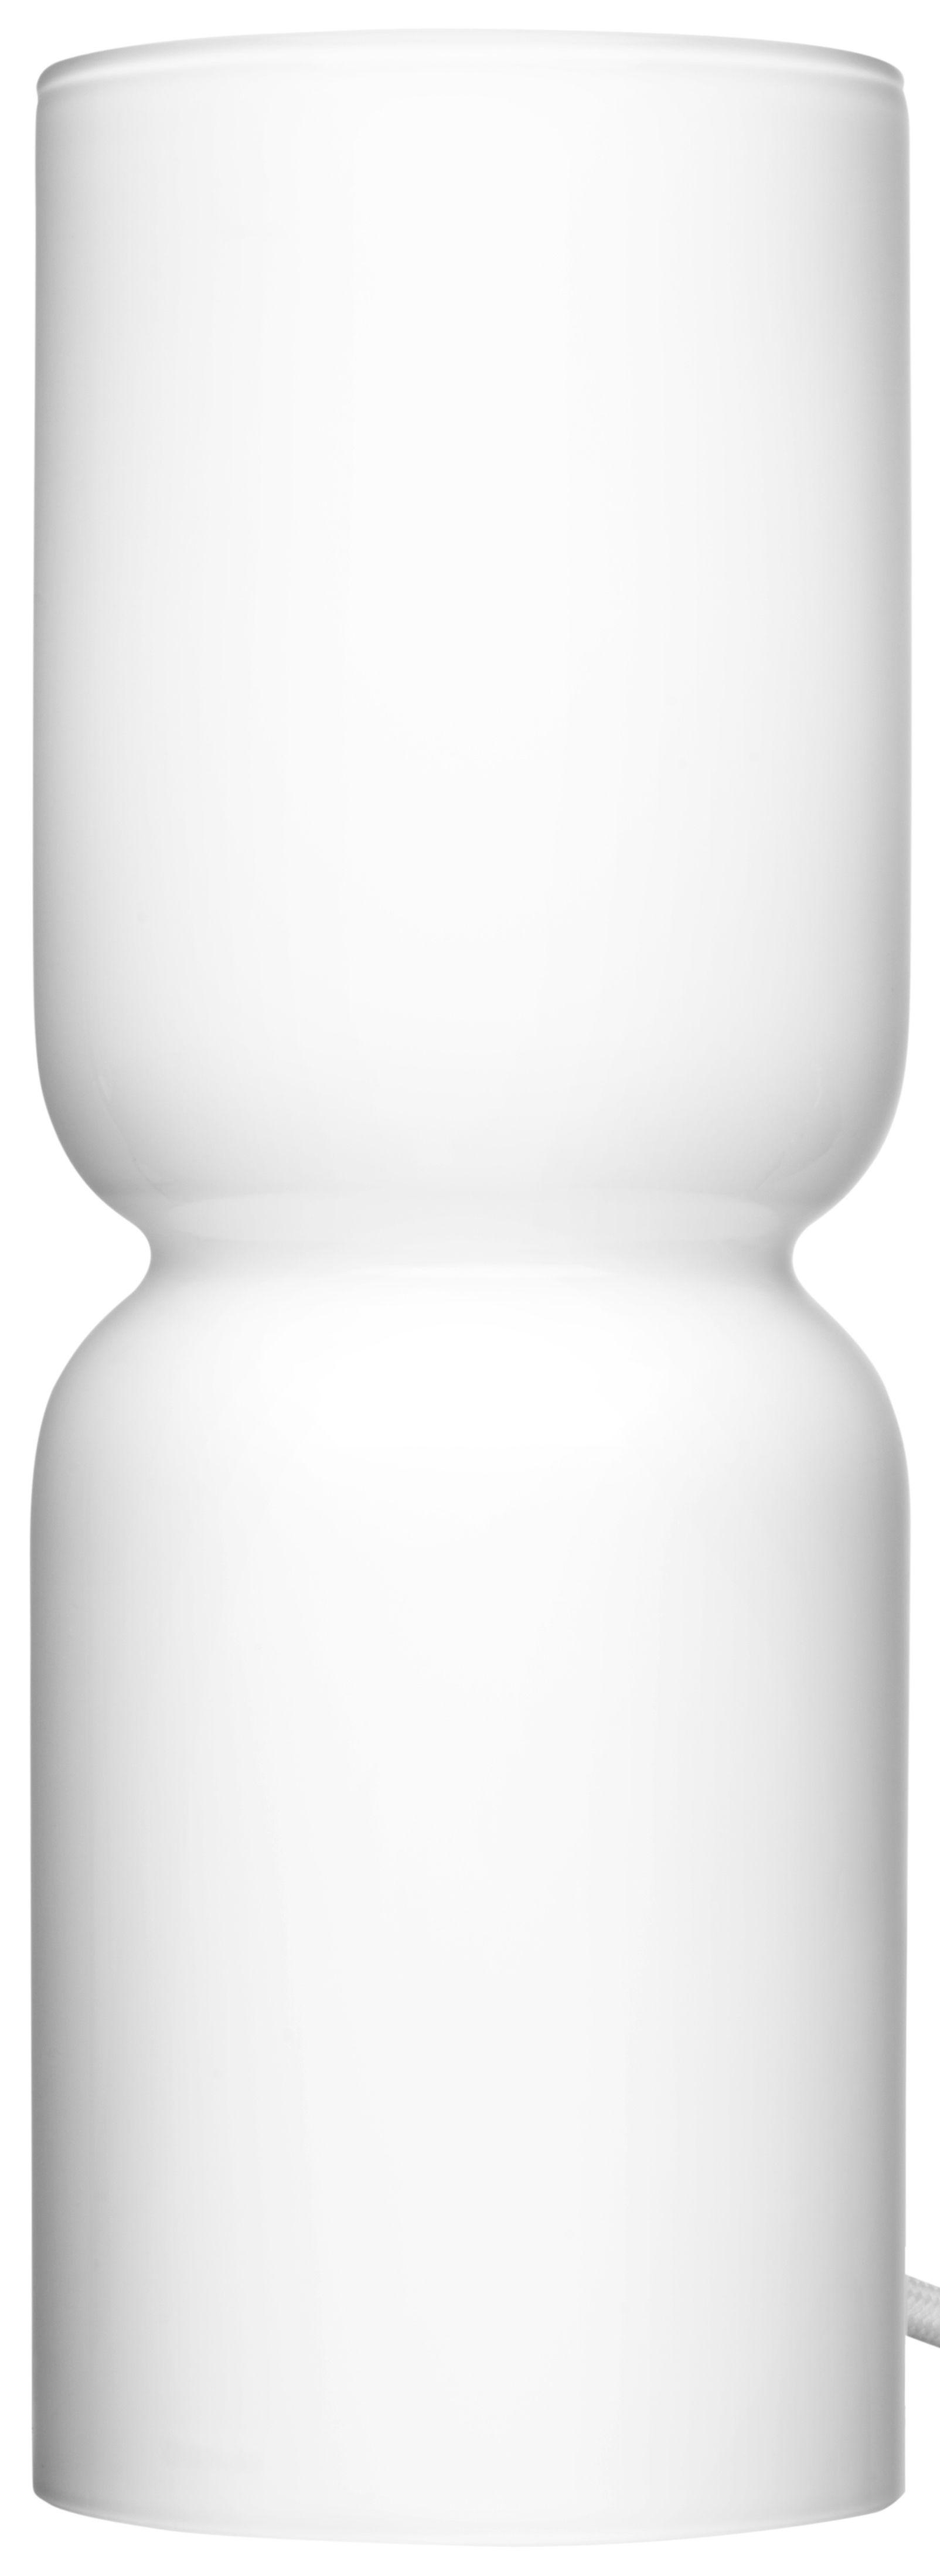 Luminaire - Lampes de table - Lampe de table Lantern / H 25 cm - Iittala - Blanc - Verre soufflé